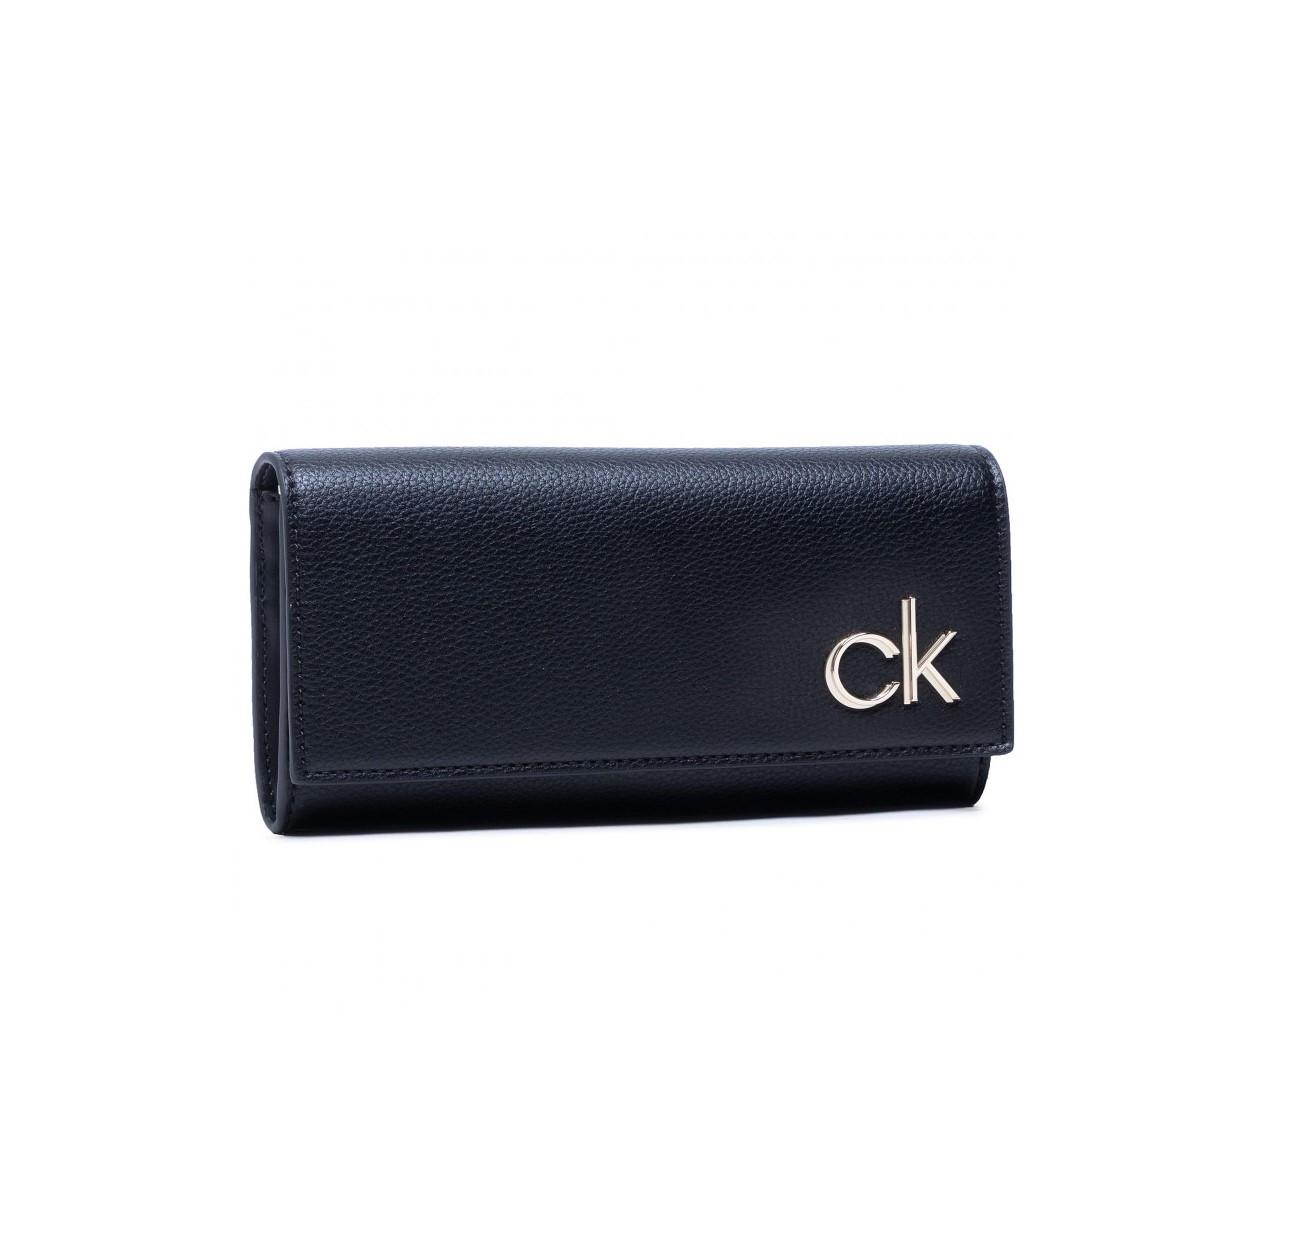 Calvin Klein Calvin Klein dámská černá peněženka s klopou TRIFOLD LG